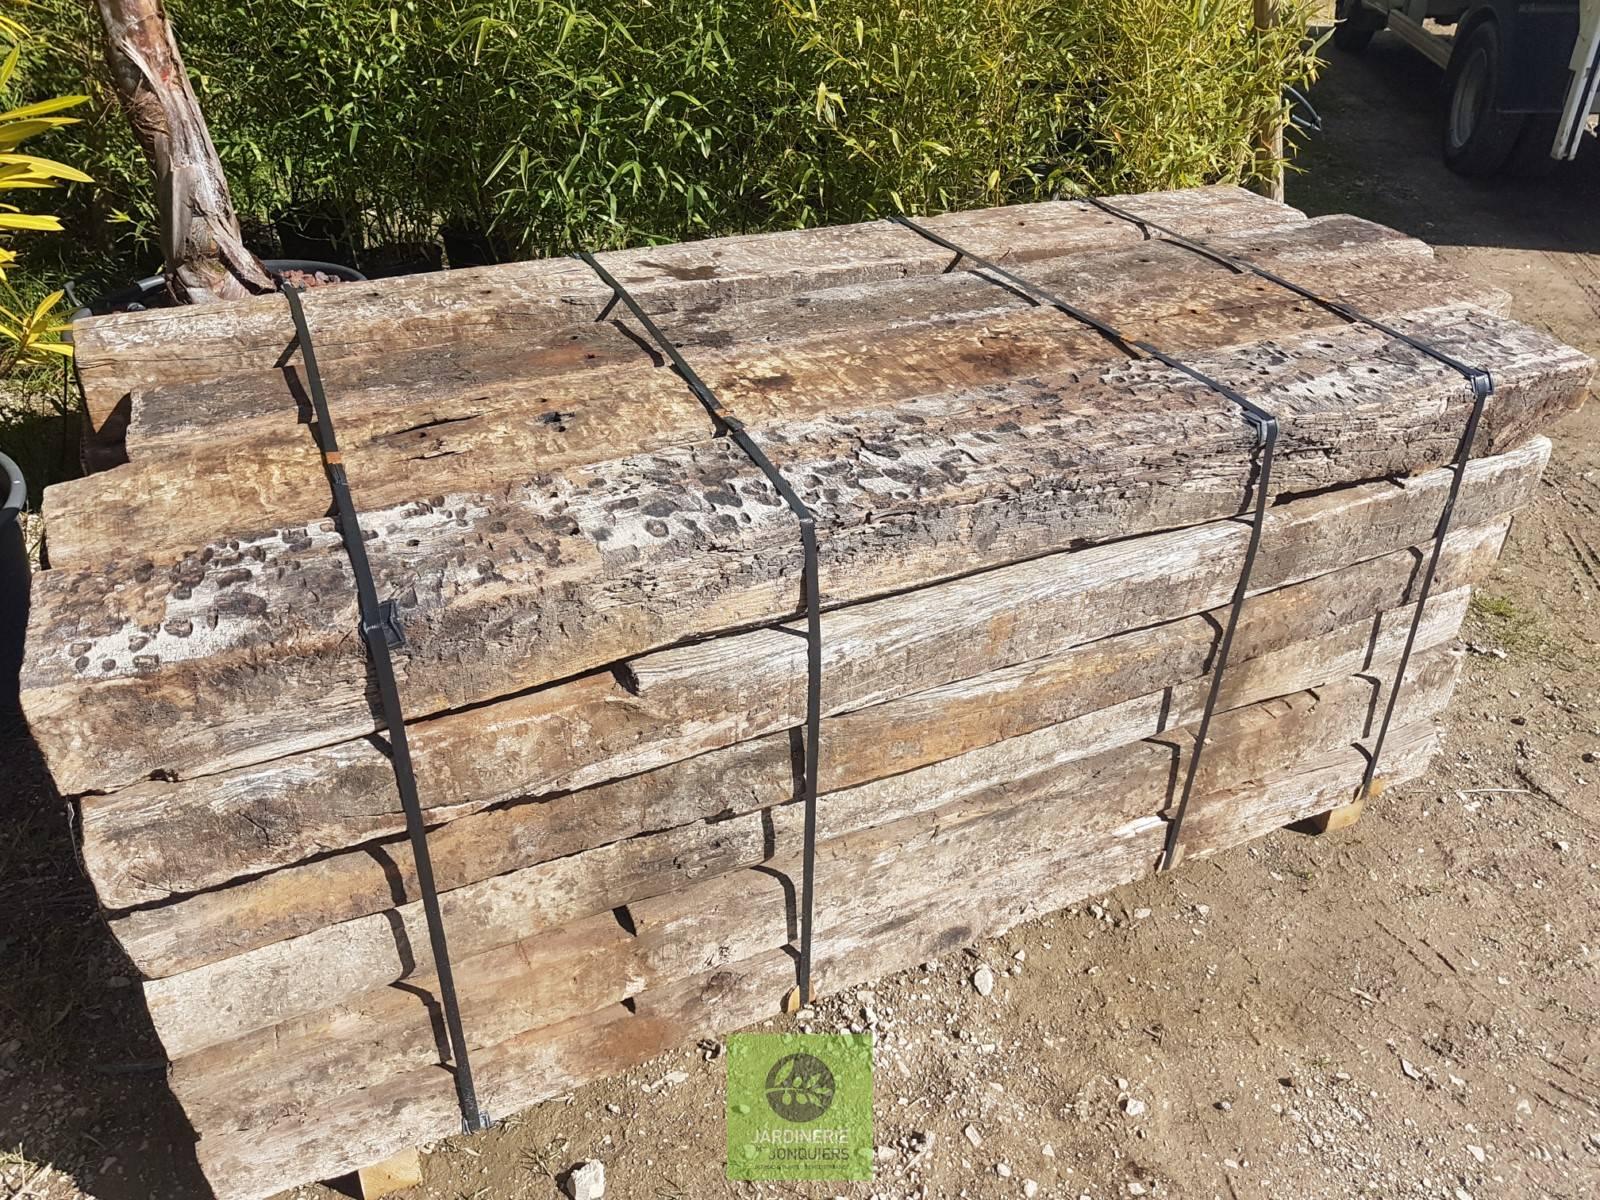 Traverses chemin de fer en bois jardinerie des jonquiers - Traverses de chemin de fer pour jardin ...